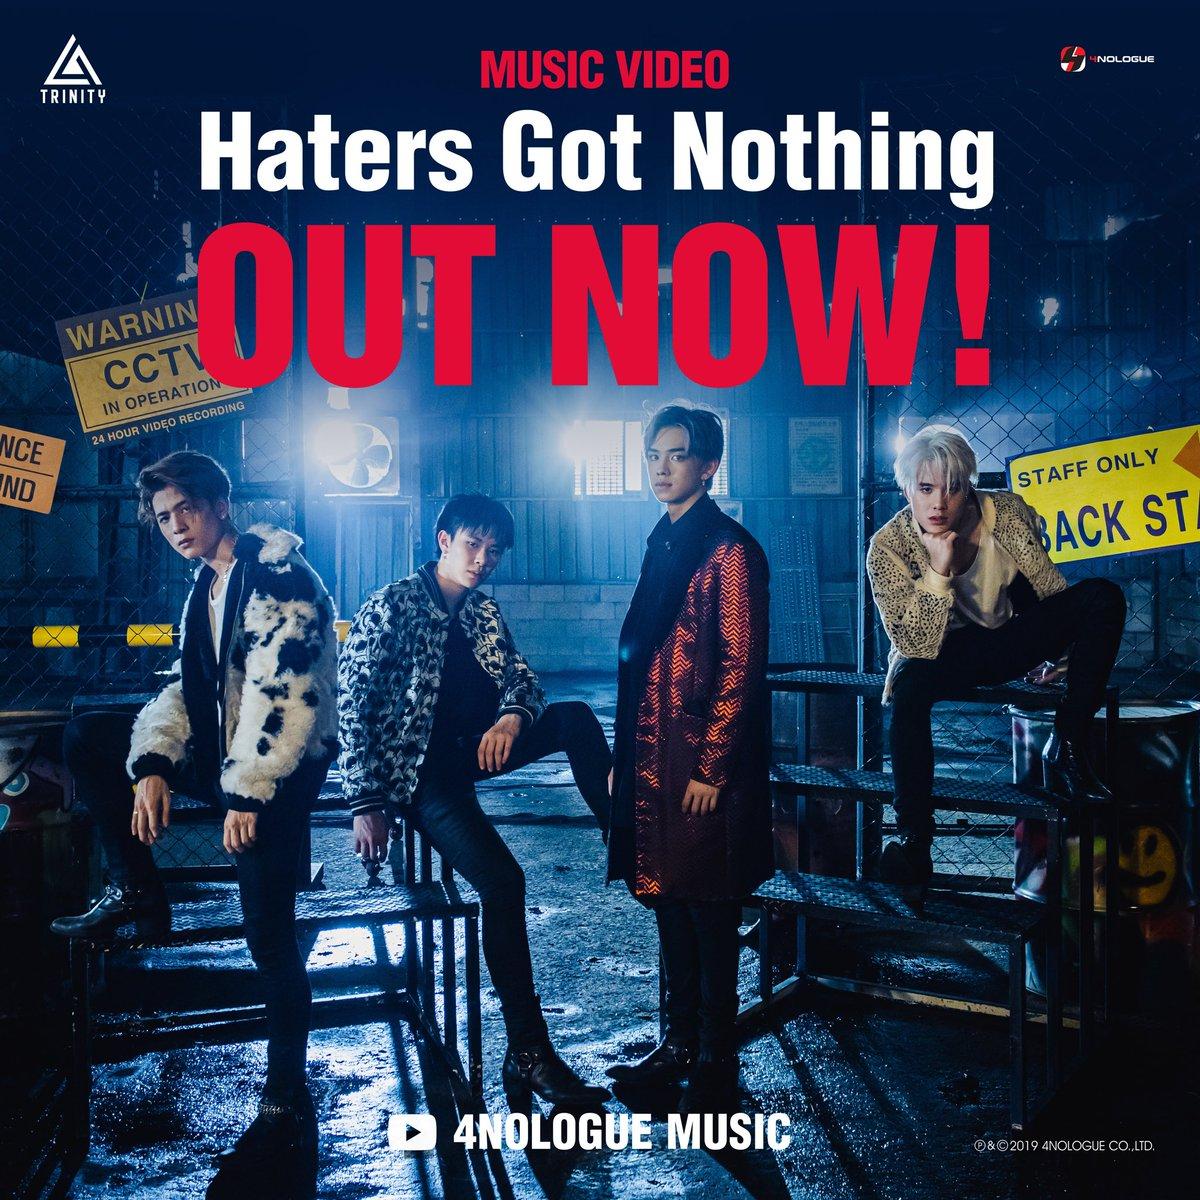 ไปดูกันนนนนน  TRINITY : Haters Got Nothing MUSIC VIDEO YouTube : 4NOLOGUE MUSIC >>  http:// bit.ly/TRINITYMV       ALBUM ON ALL STREAMING l AVAILABLE NOW!  THE FIRST DEBUT STAGE l 17.09.2019 l 6 PM (ICT) l AT CENTRAL WORLD SQUARE B-C . #HatersGotNothingMV #TRINITY_TNT<br>http://pic.twitter.com/nk6CTV9iSX